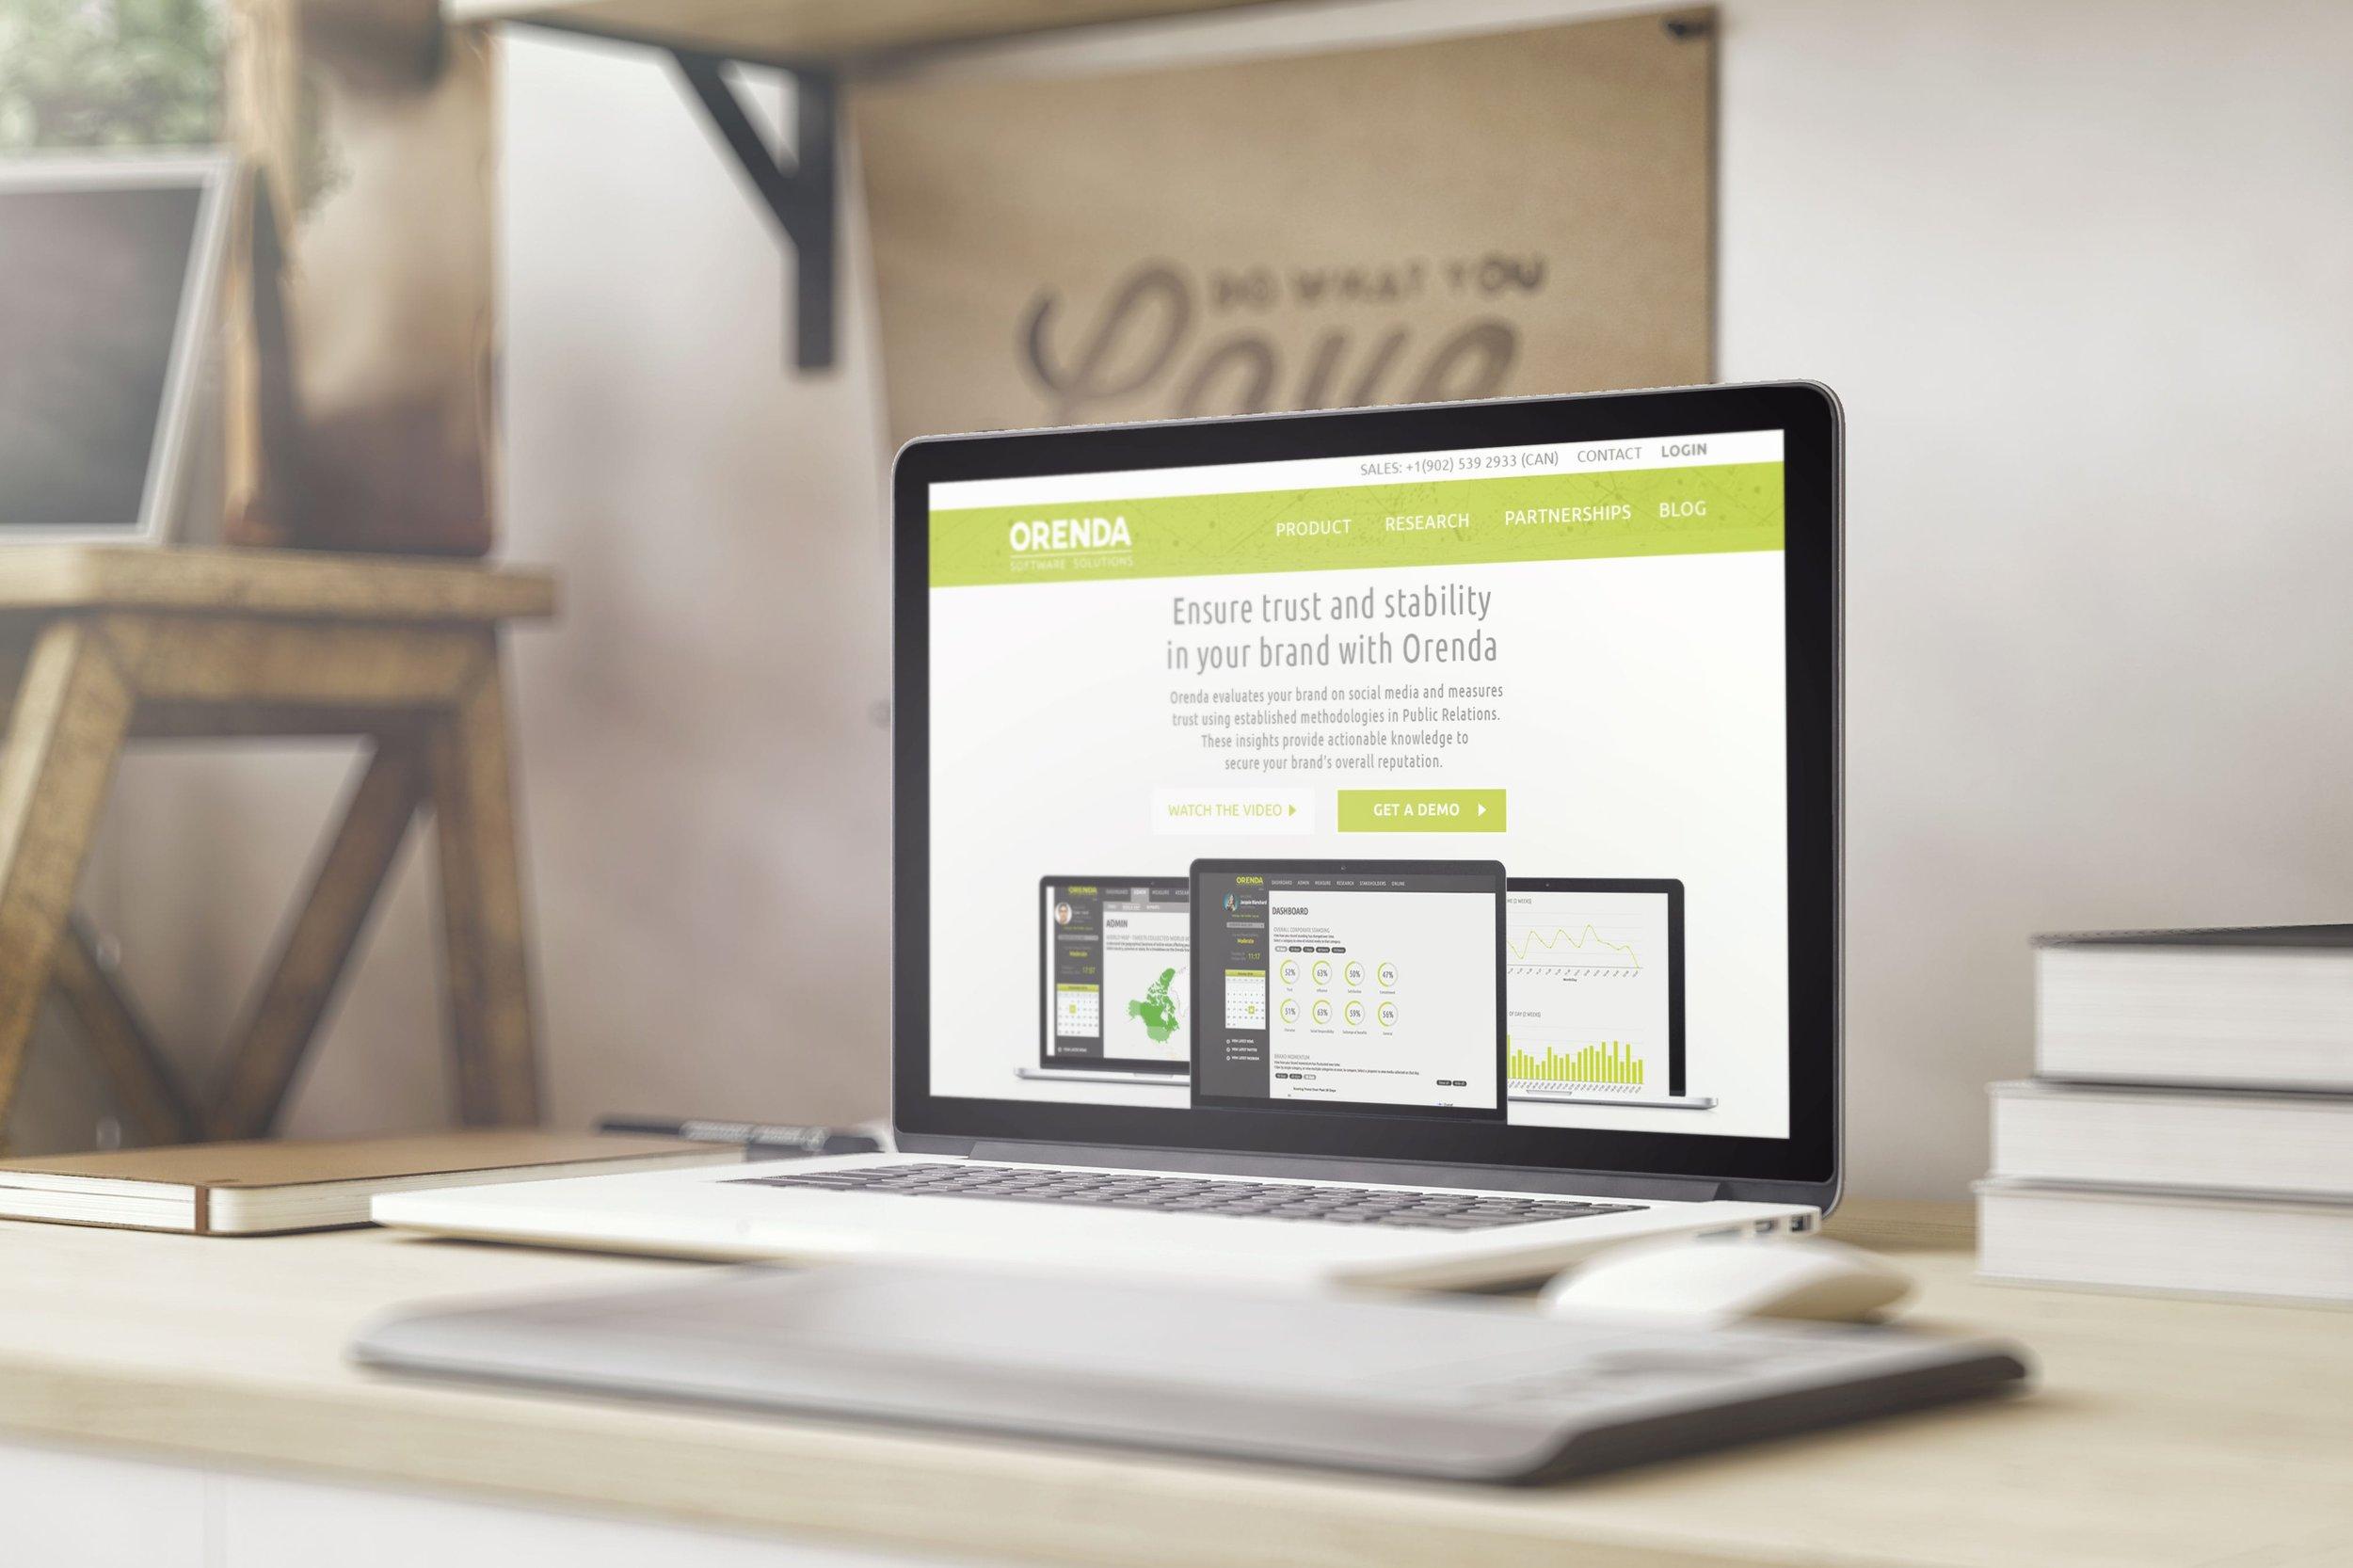 orenda-website-redesign-min.jpg